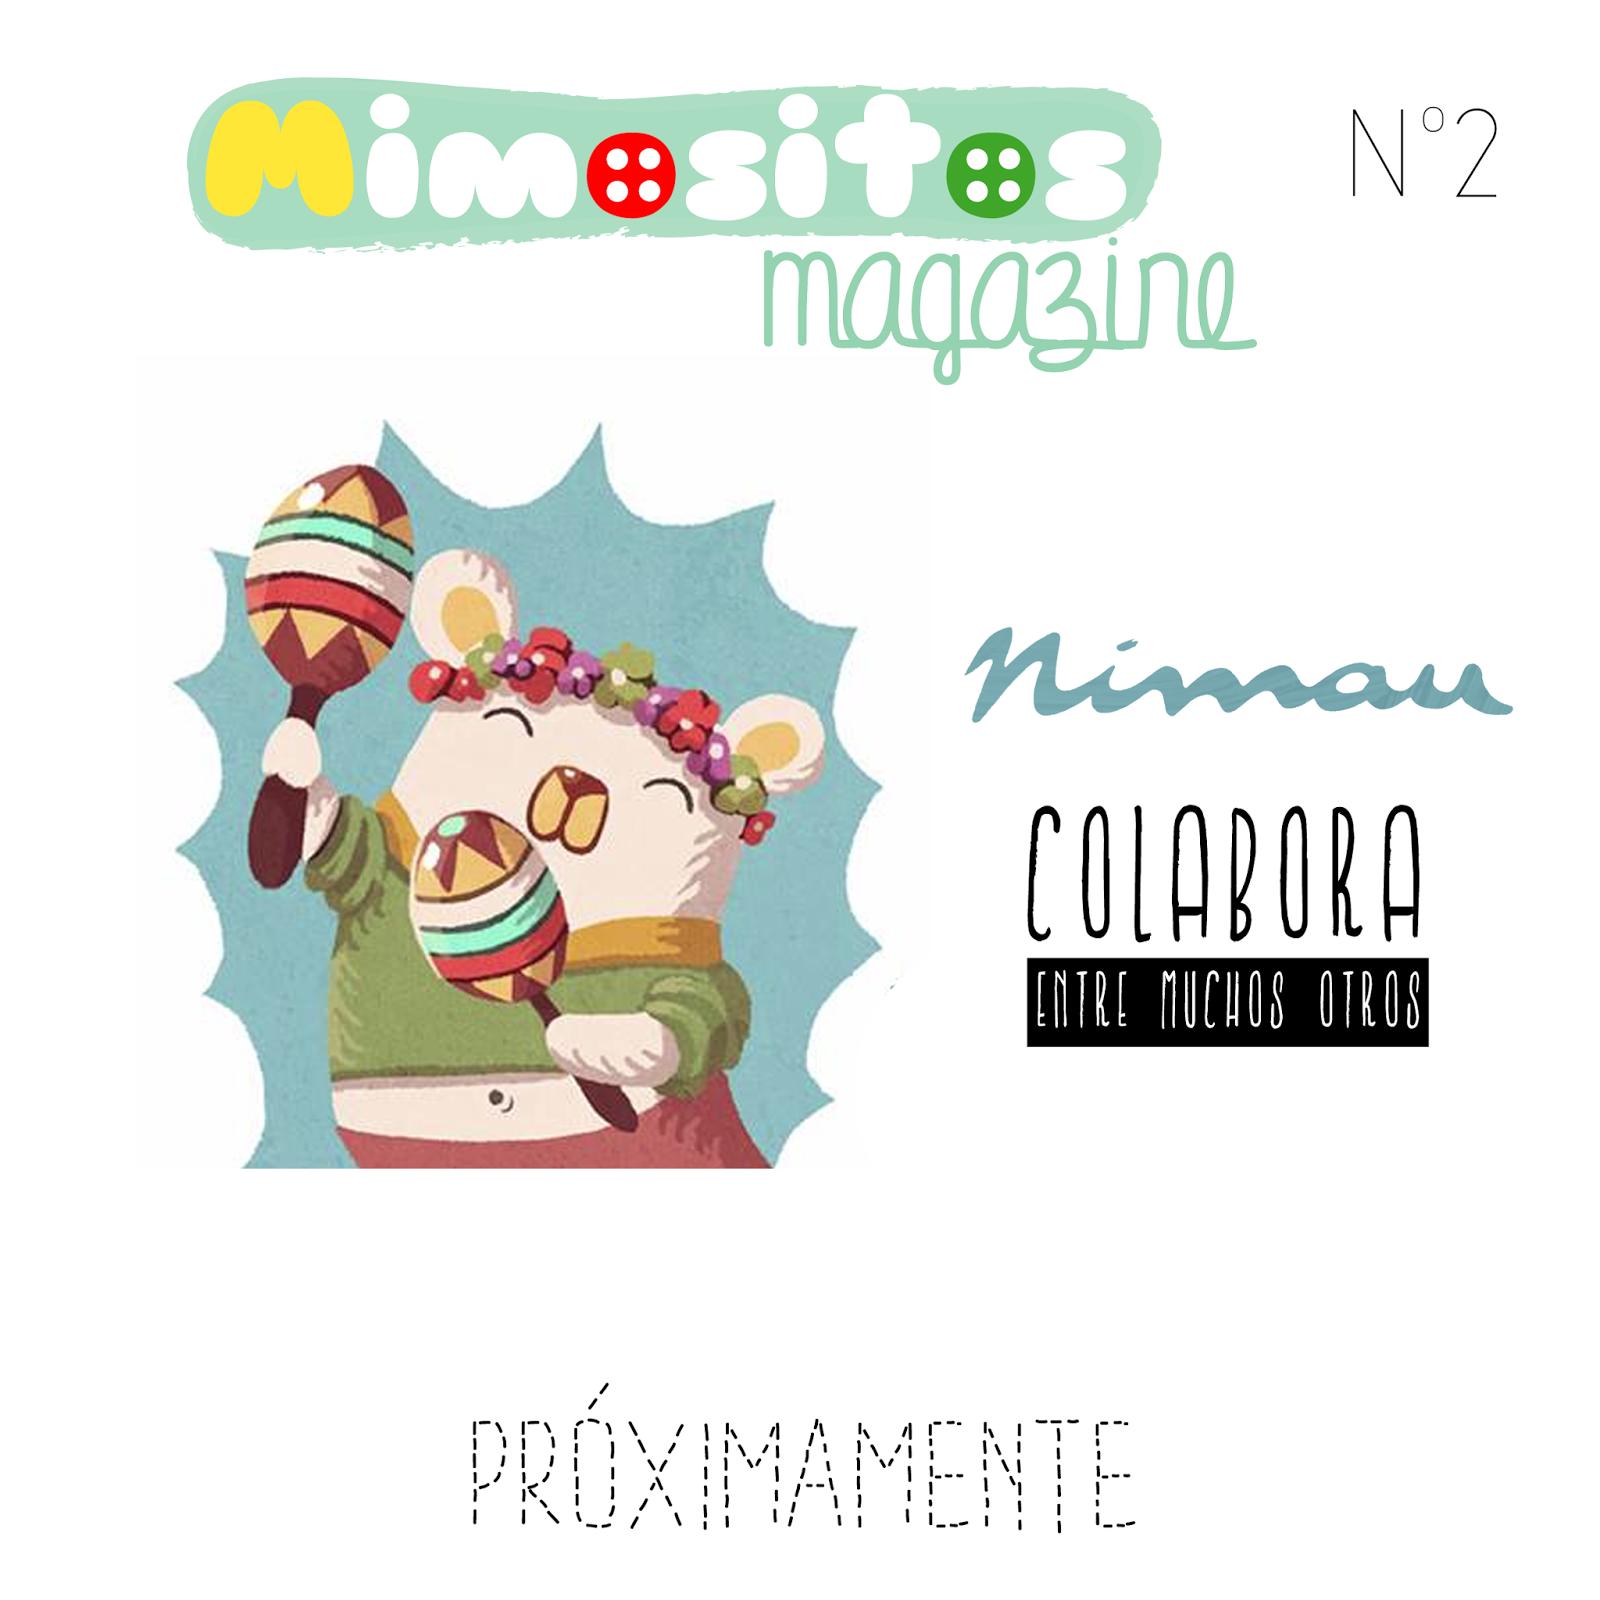 Dulces bocados mimositos magazine N2 revista online craft gratis manualidades pasatiempos DIY receta navidad casa jengibre